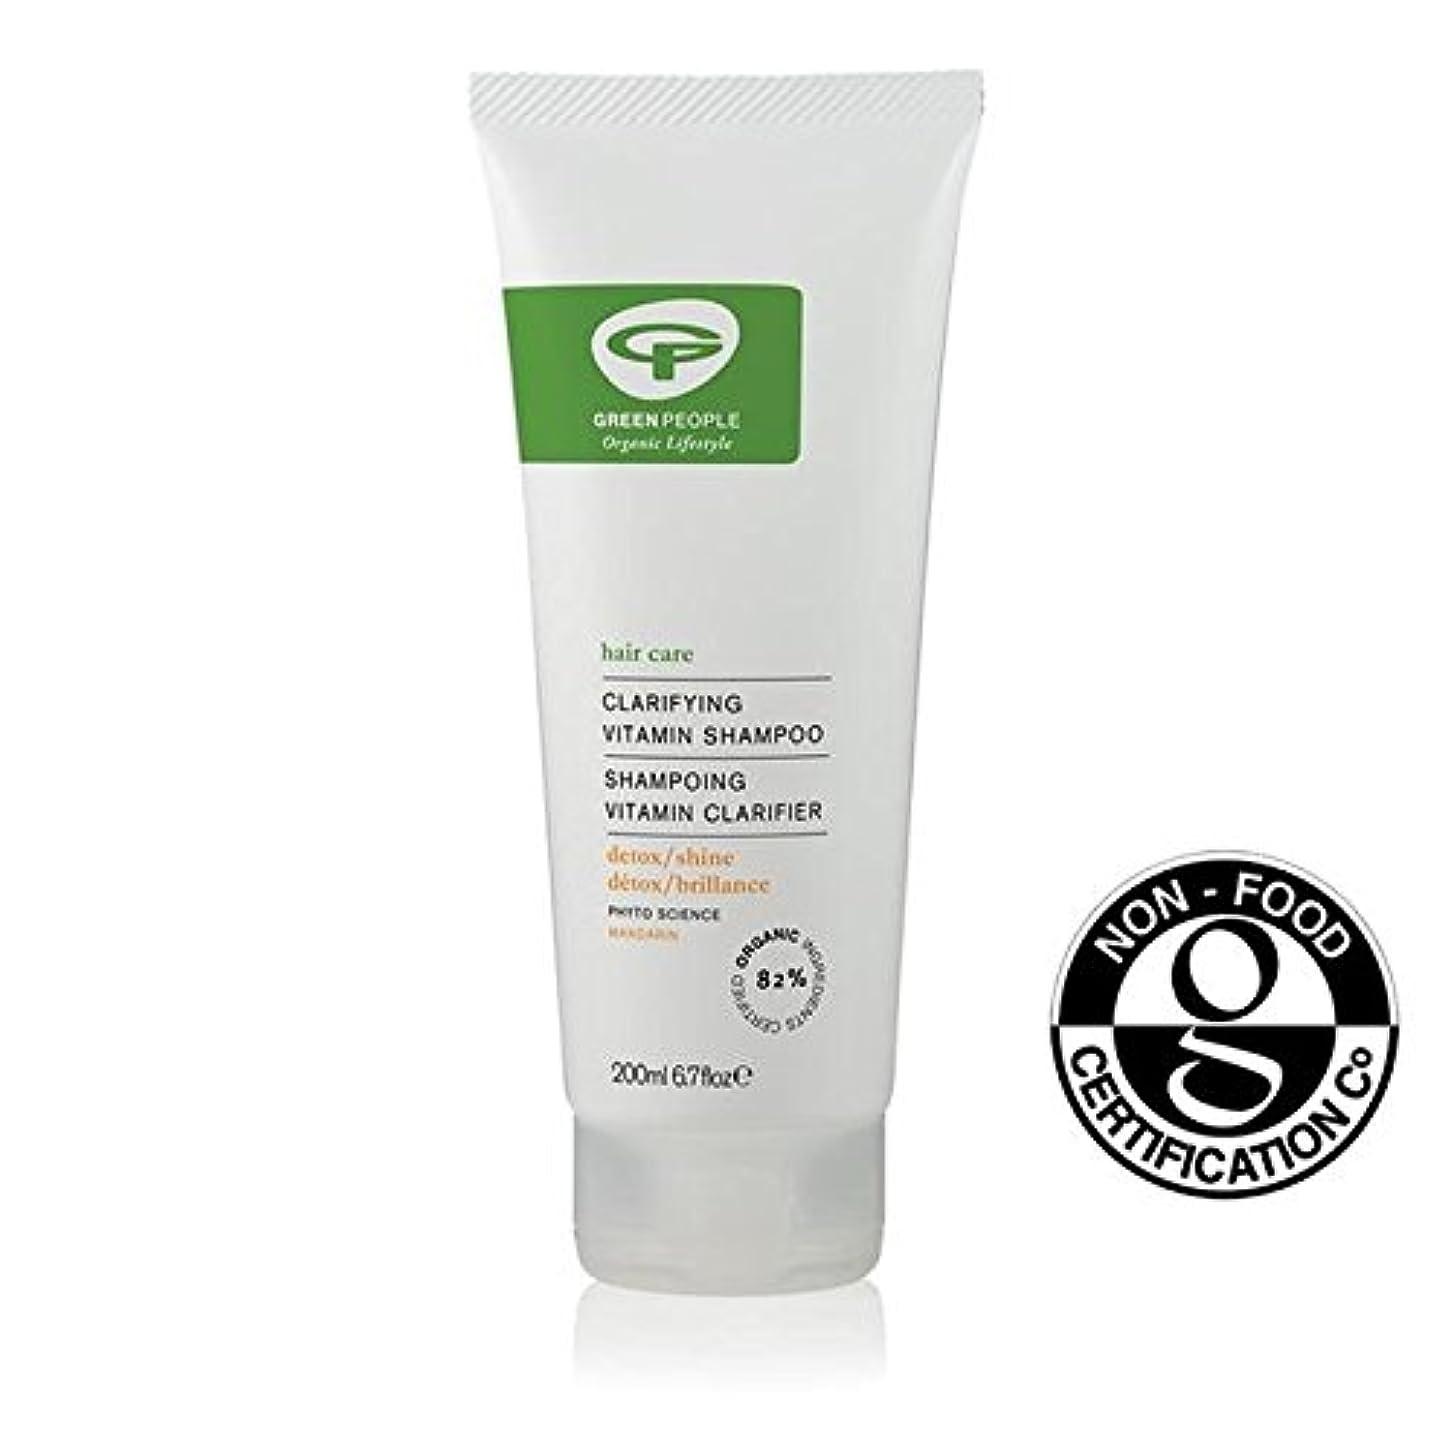 トン笑いであることGreen People Organic Clarifying Vitamin Shampoo 200ml - 緑の人々の有機明確ビタミンシャンプー200ミリリットル [並行輸入品]